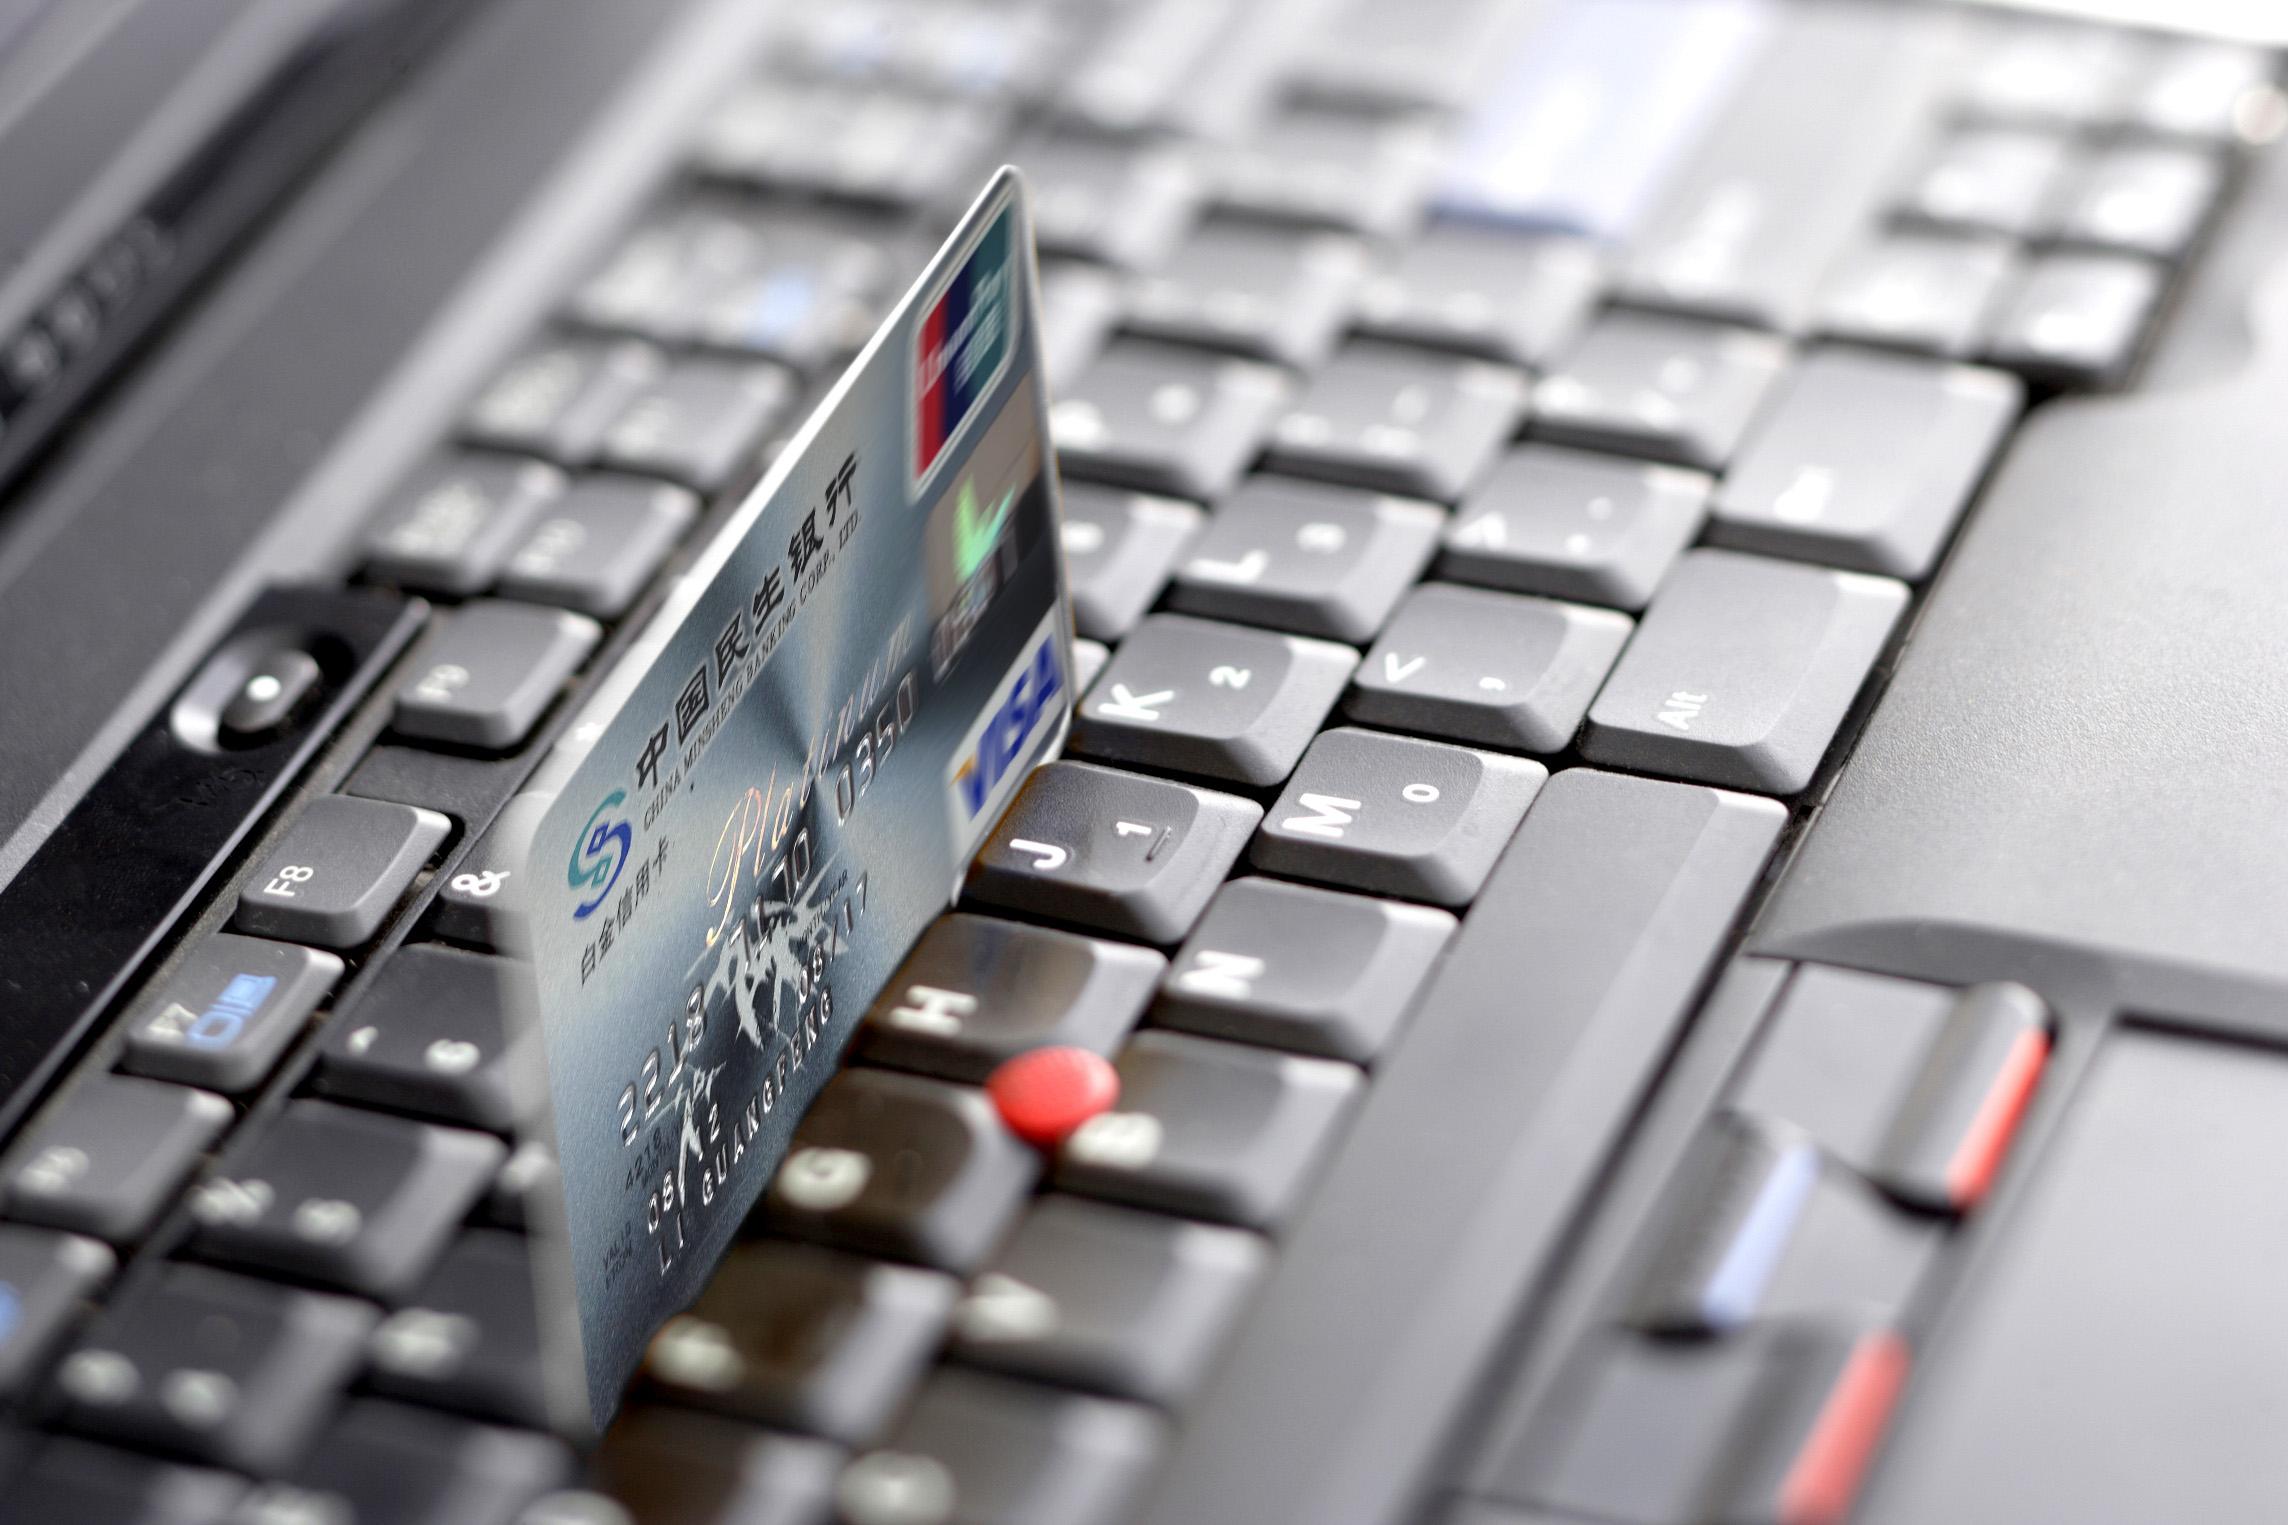 金融征信体系_信息安全产业_东方产业_东方集团有限公司